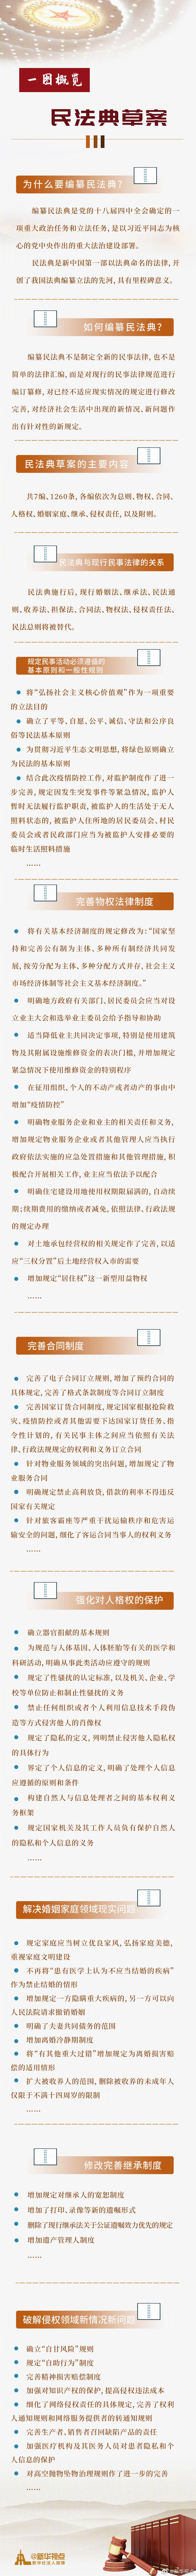 民法典2021年1月1日起施行 一图概览民法典草案